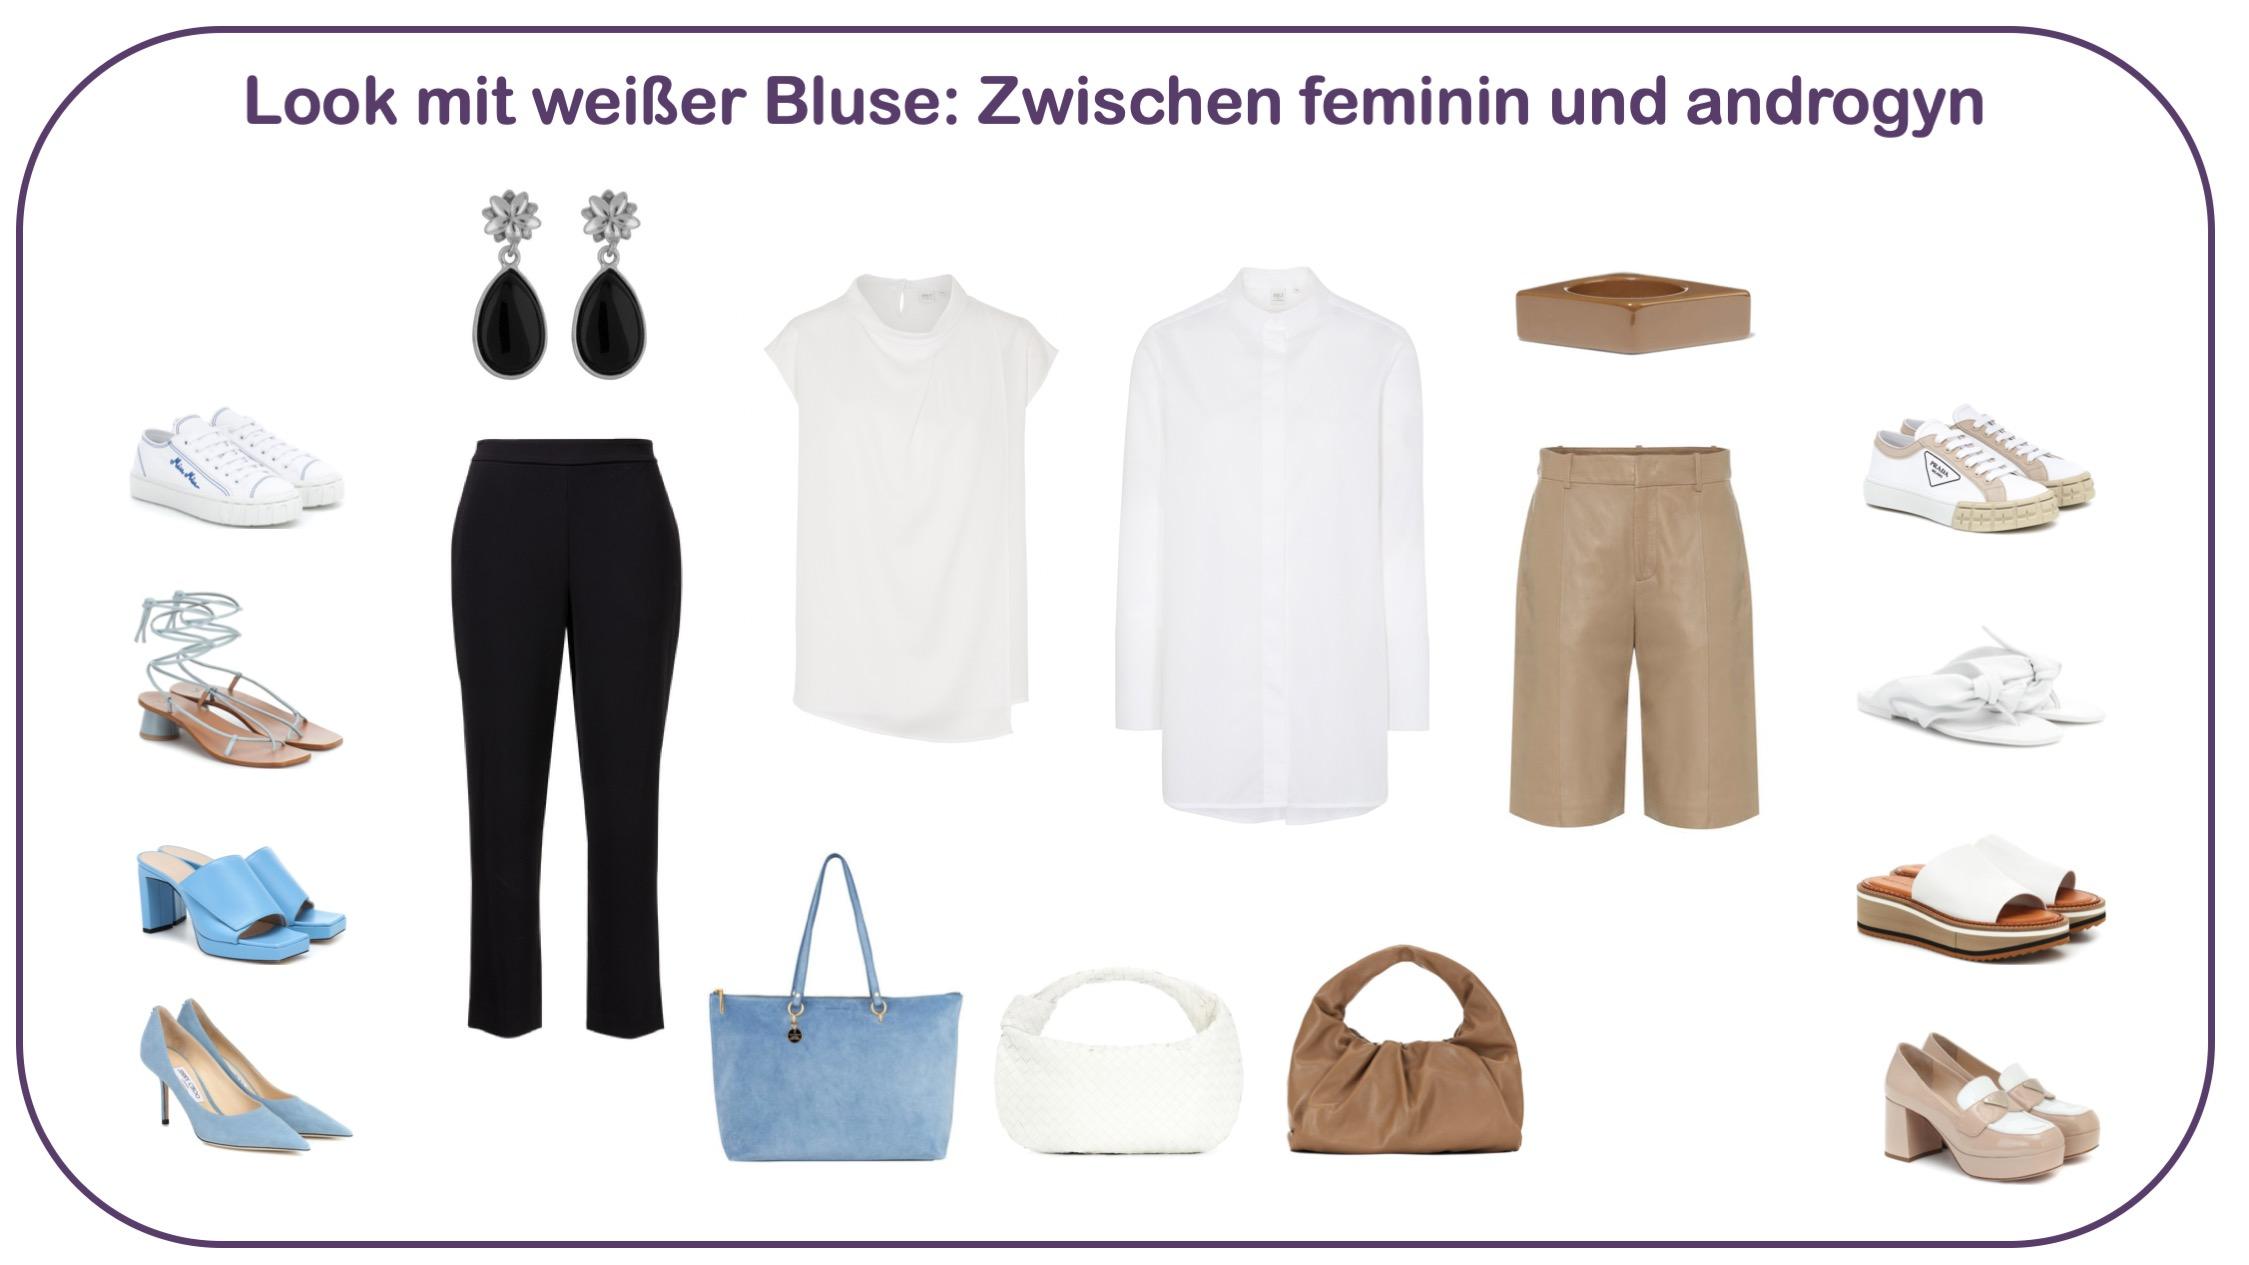 Blusen gewinnen und kombinieren: feminin oder androgyn